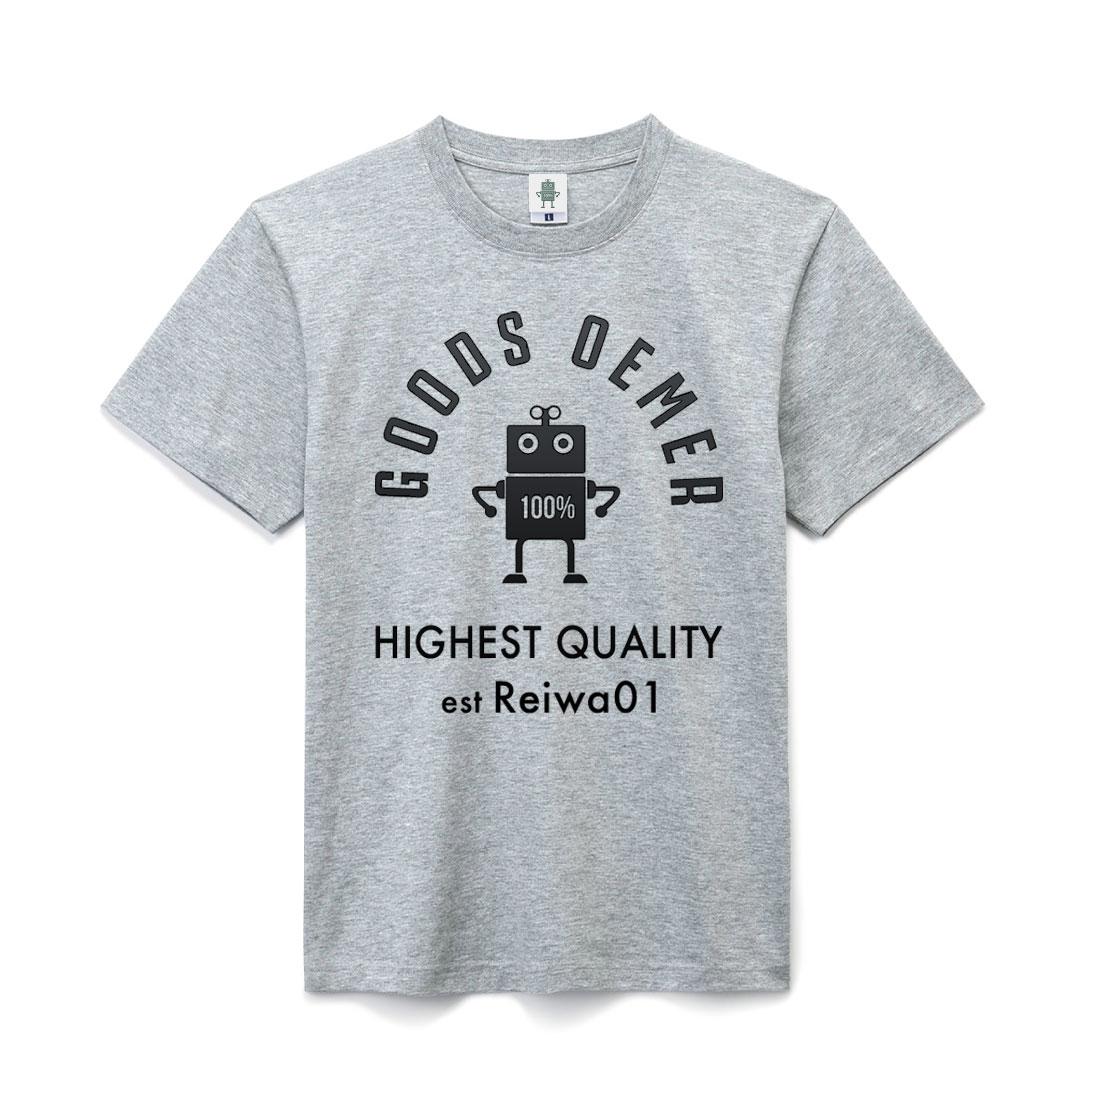 ヘヴィーコットン Tシャツ ライトグレー